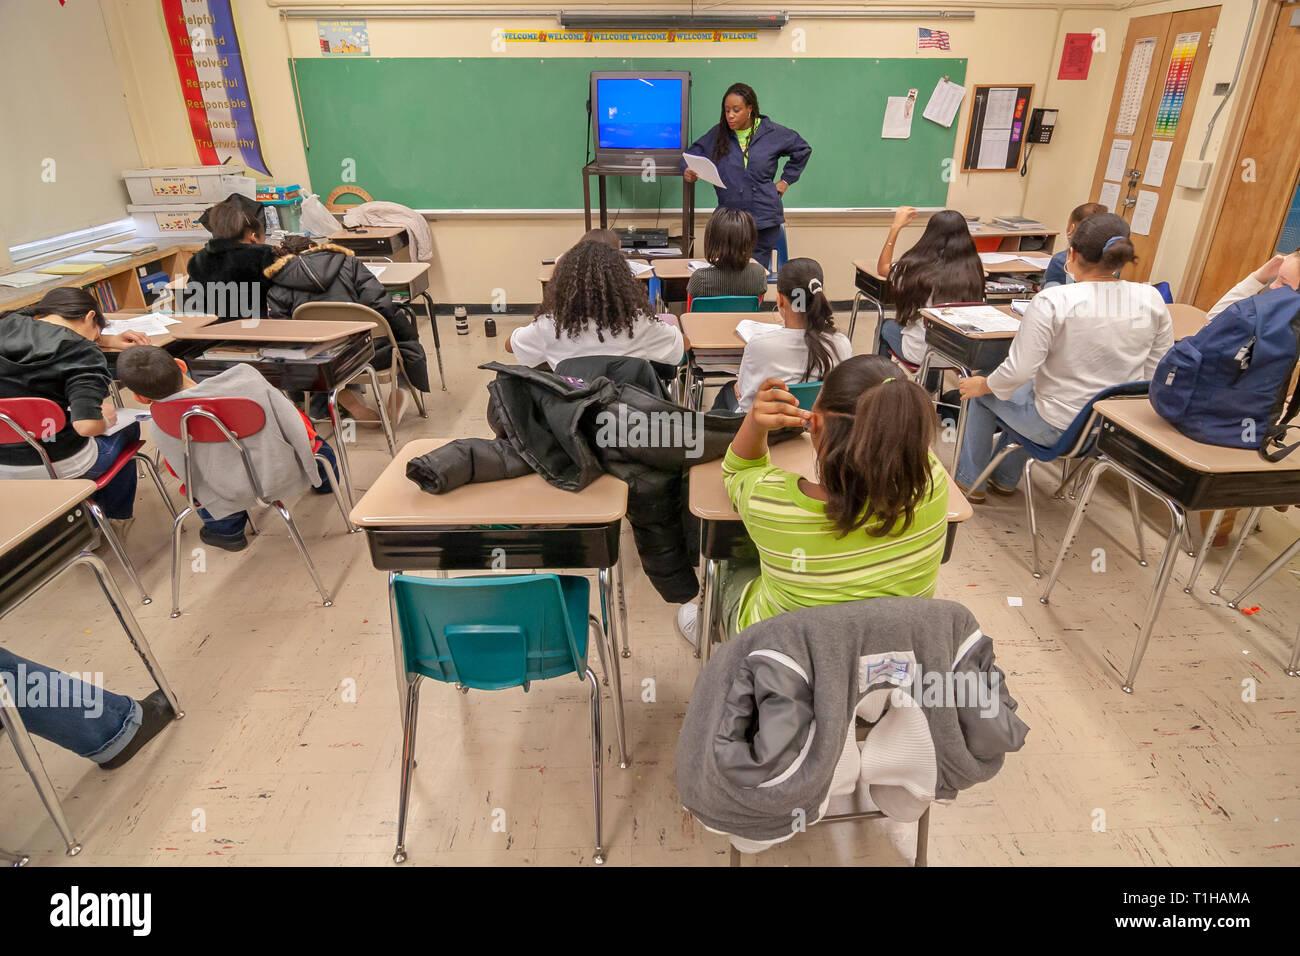 La escuela niños sentados en sus pupitres en un aula mientras el maestro les enseña. Imagen De Stock